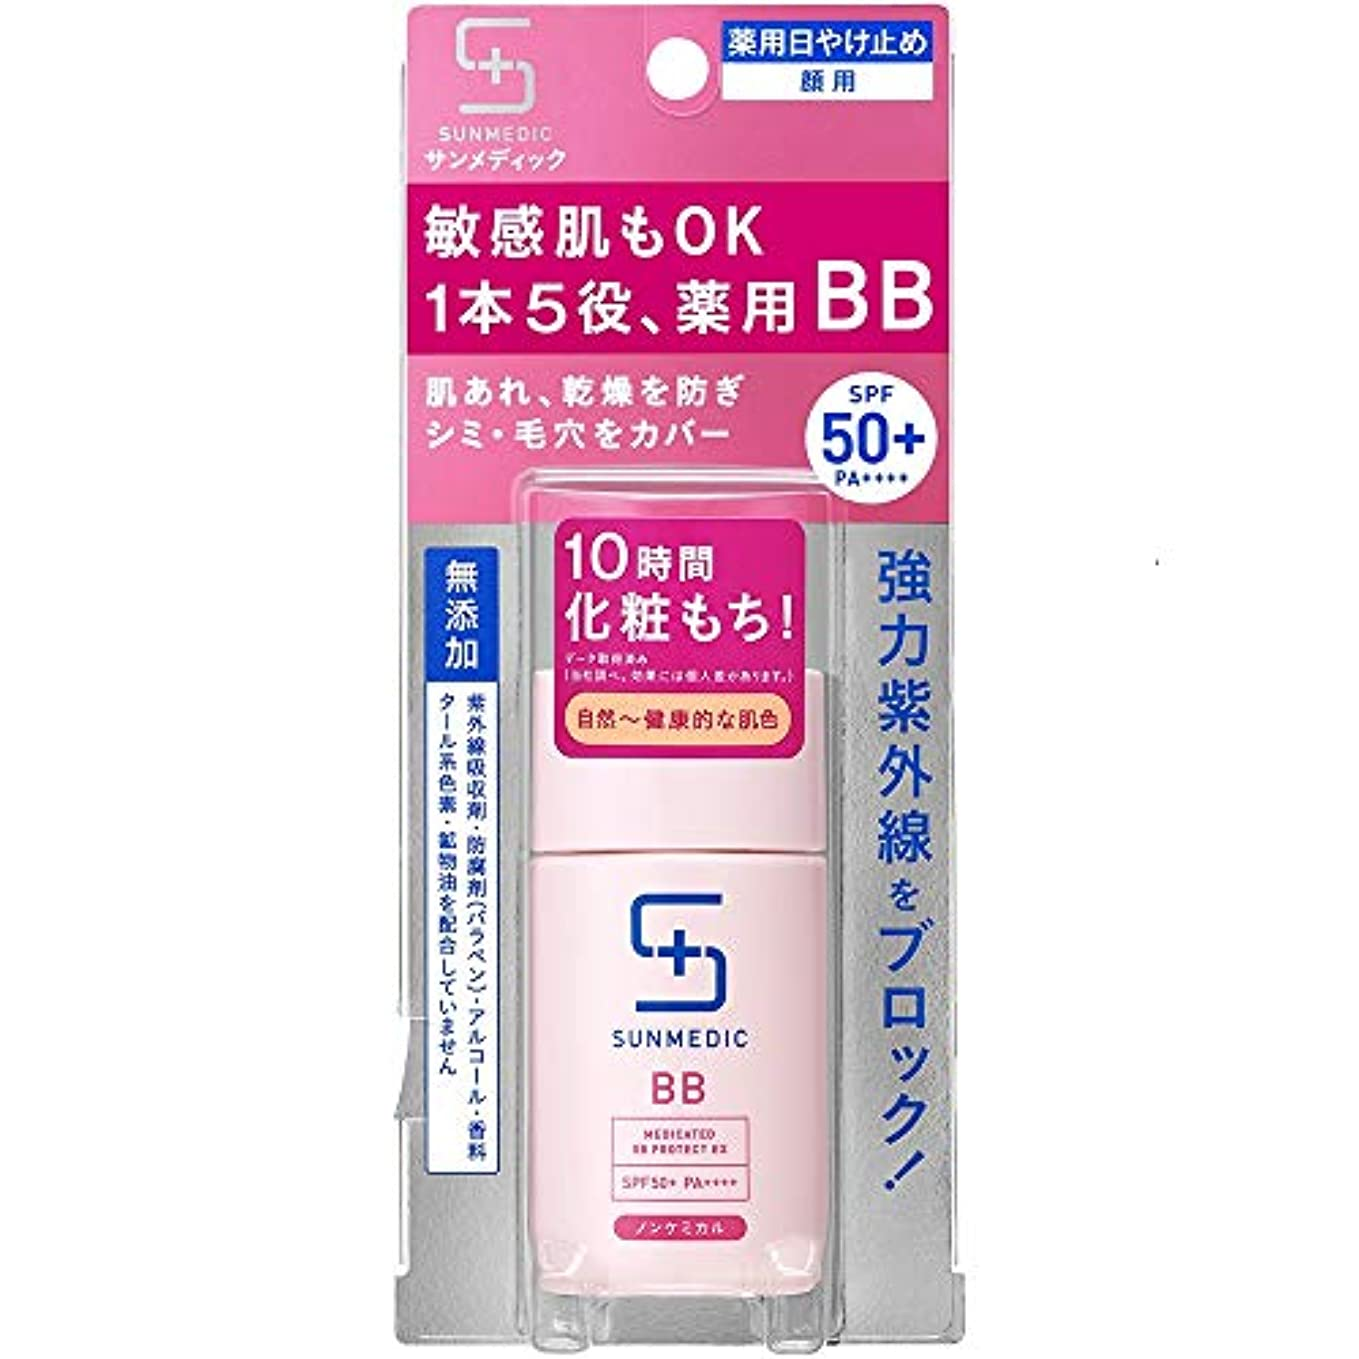 マグバージン深遠サンメディックUV 薬用BBプロテクトEX ナチュラル 30ml (医薬部外品)